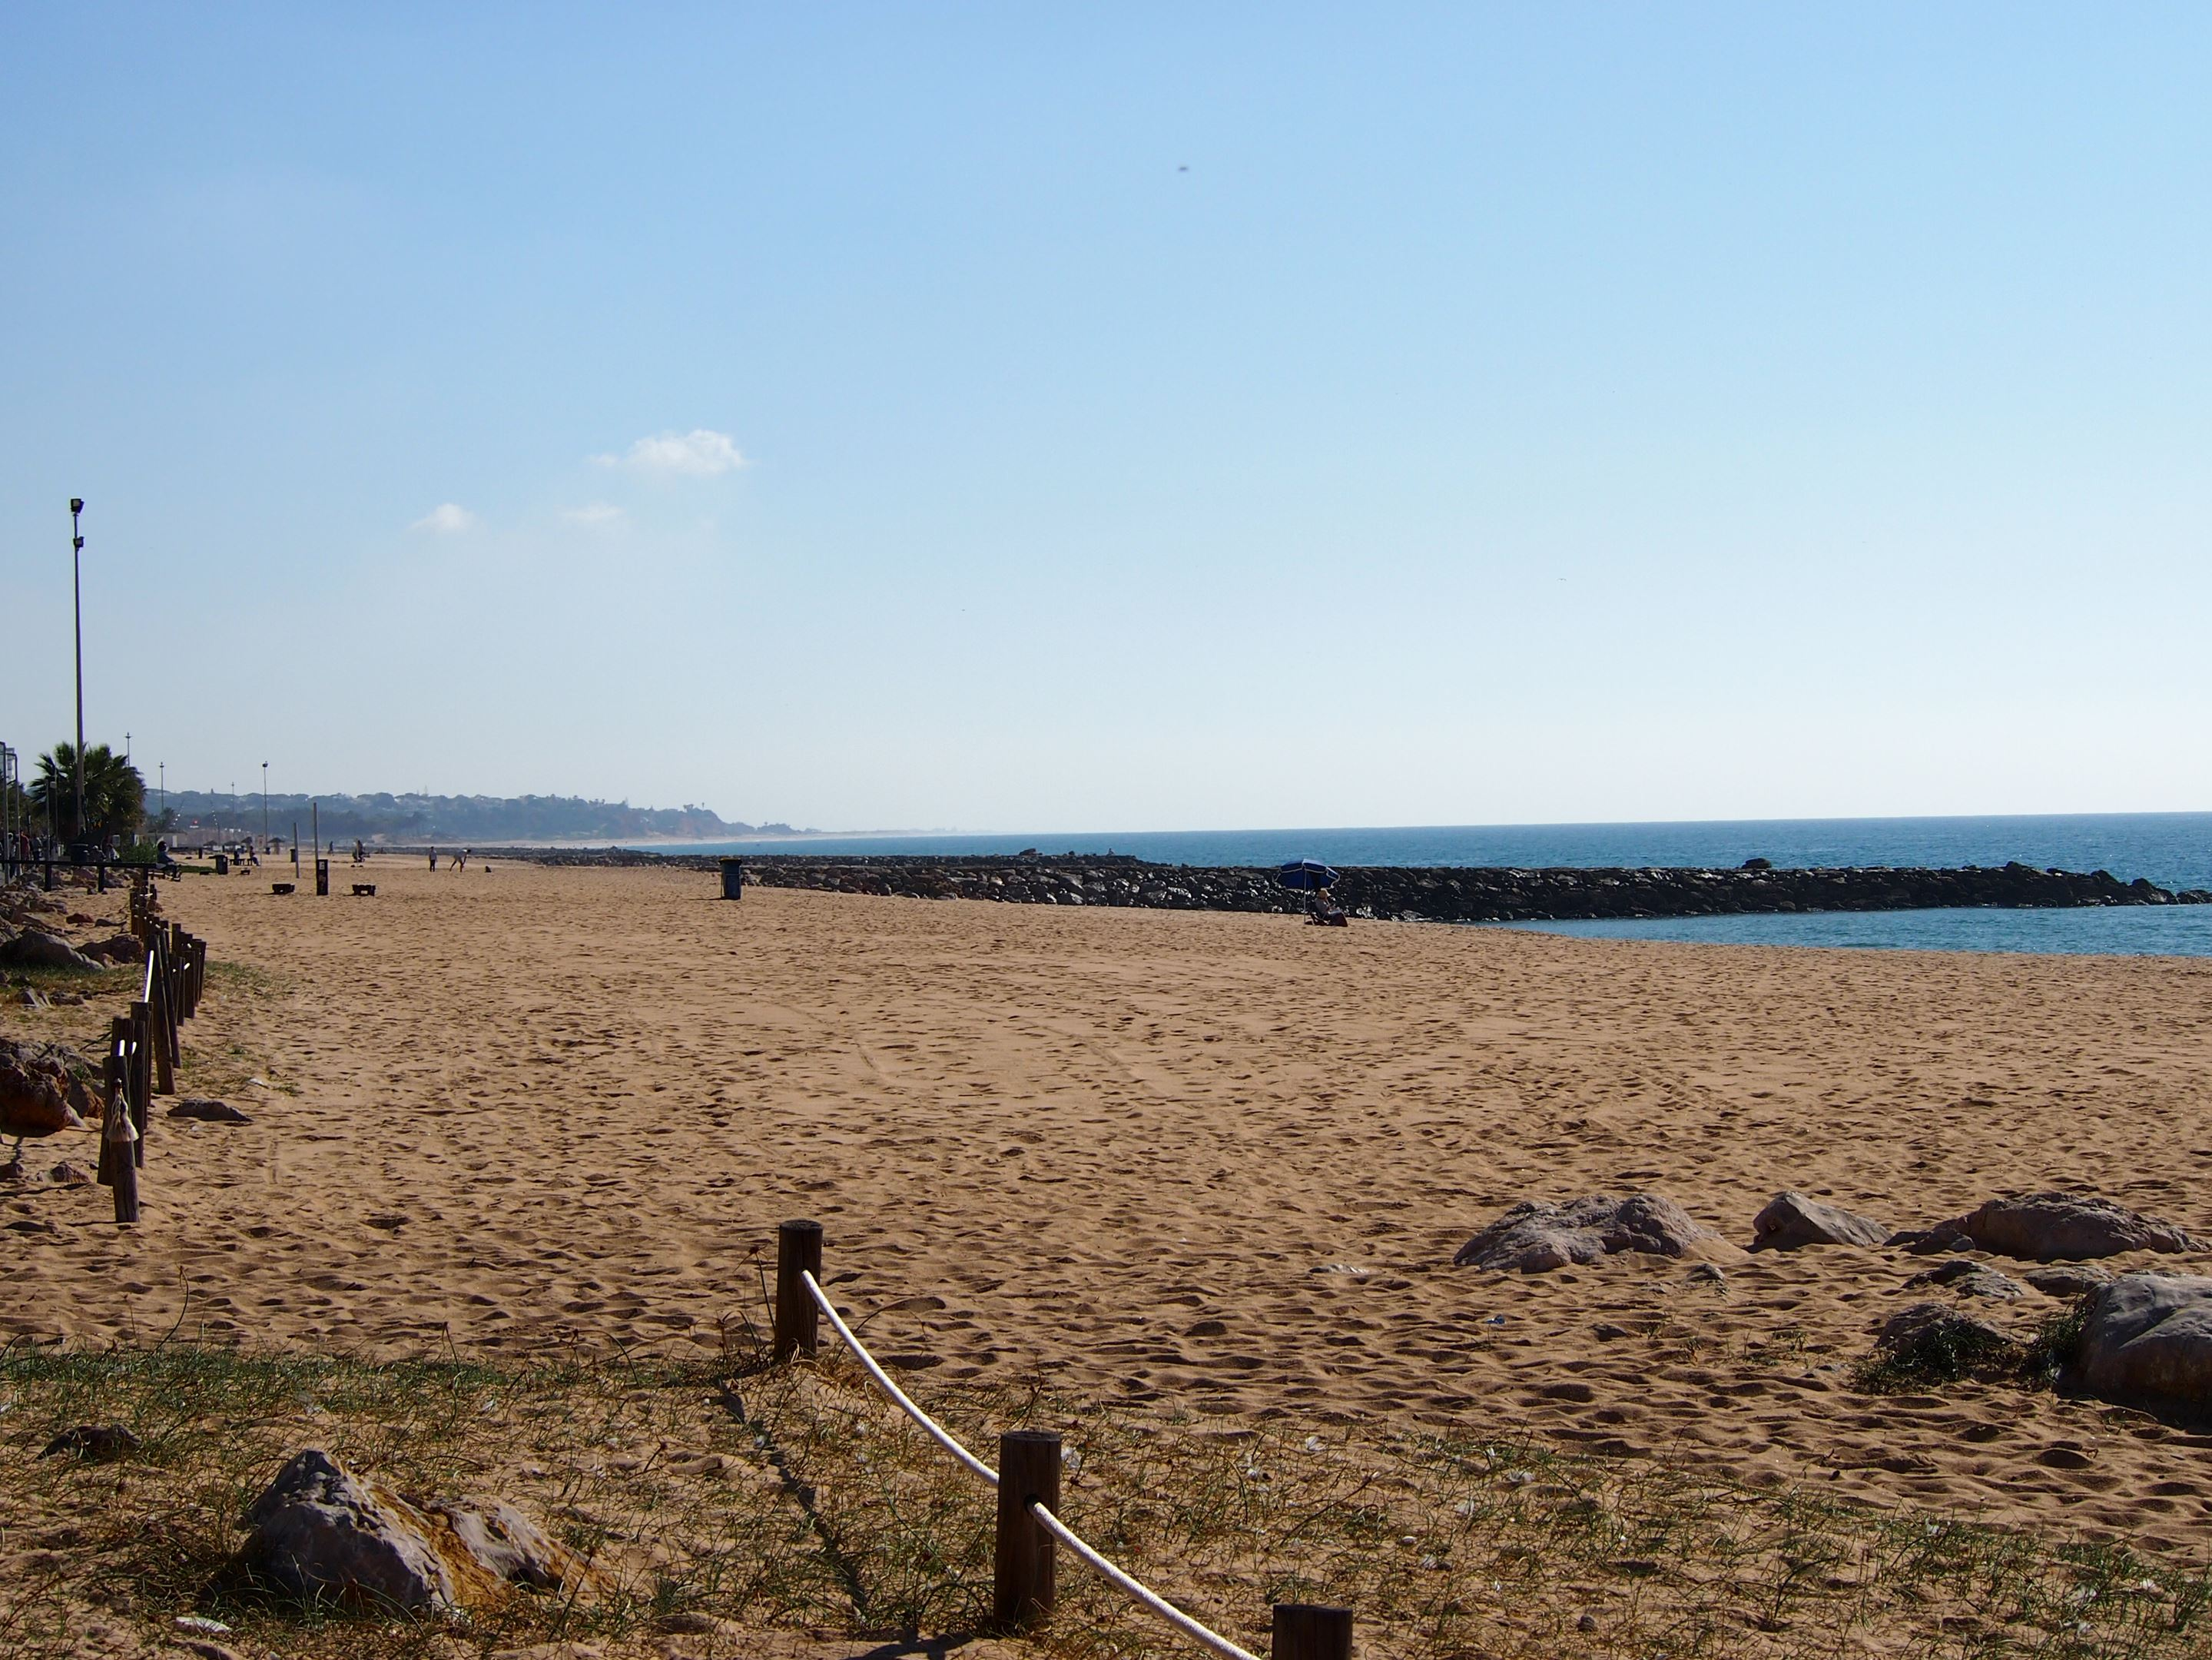 Praia de Quarteira, looking east towards Vale do Lobo